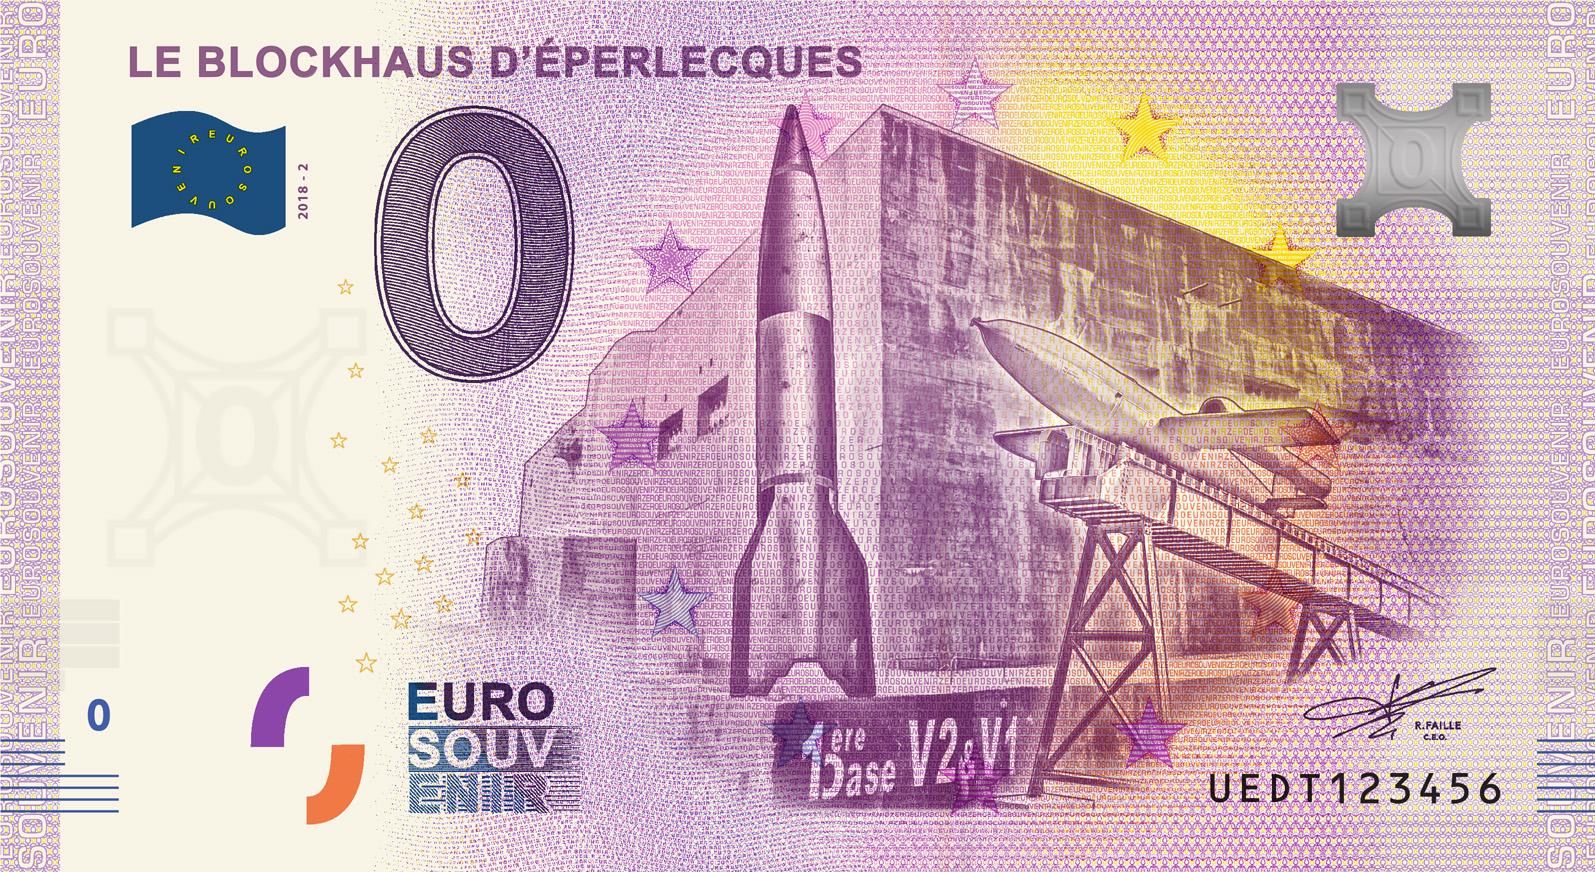 FRA_UEDT2_Le_Blockhaus_deperlecques.jpg